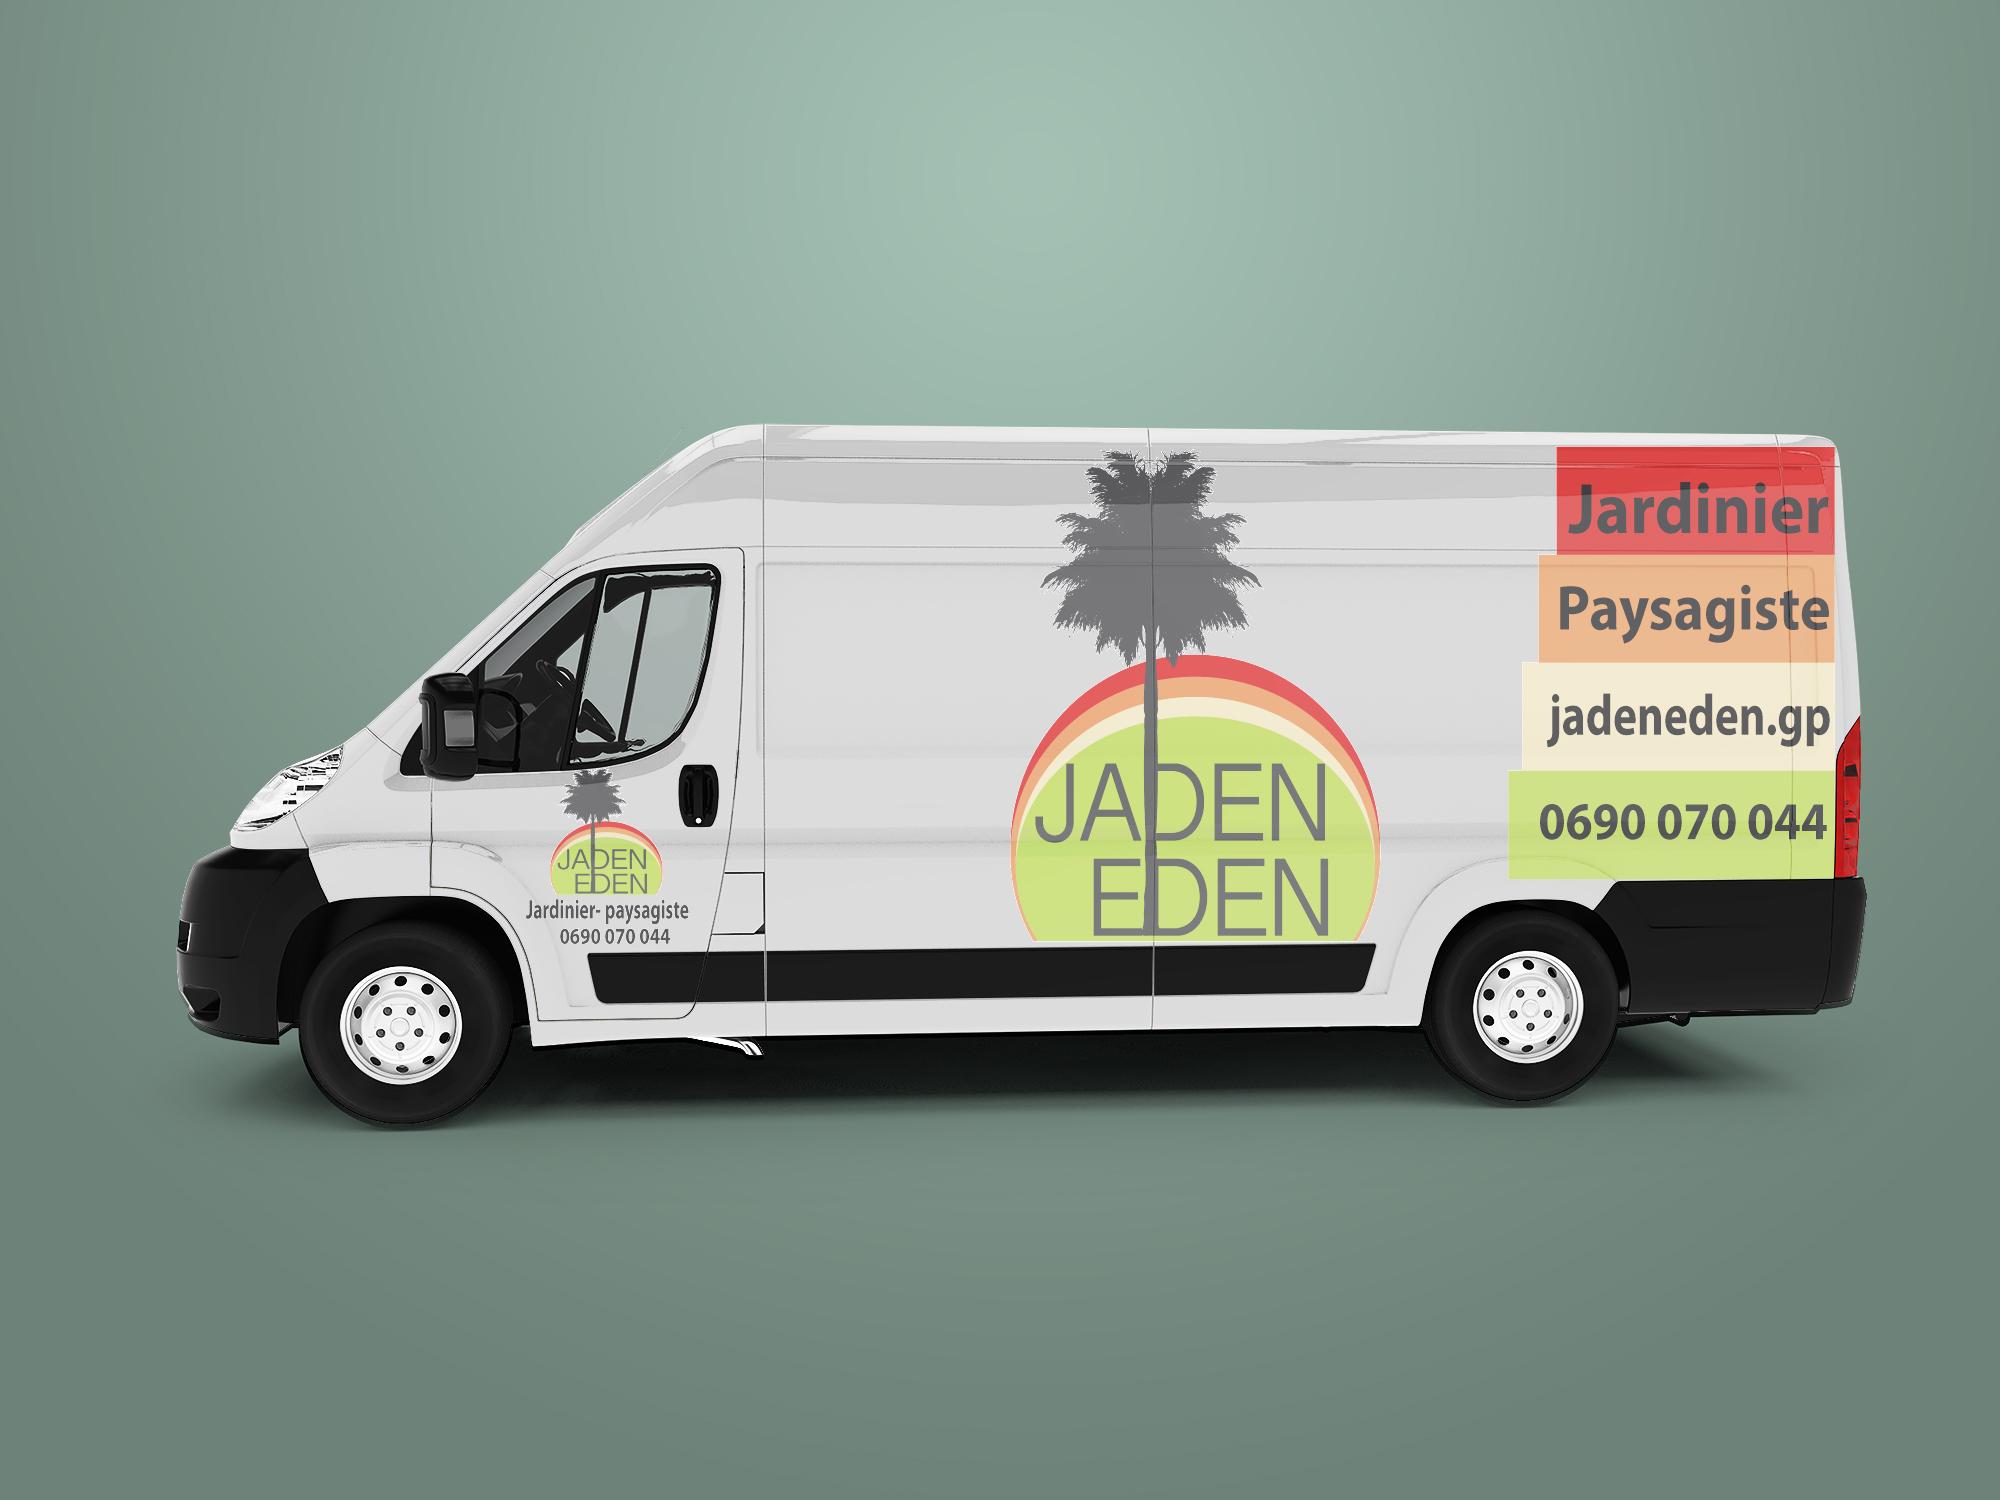 WINKA-DESIGN–JADEN-EDEN-VAN-MOCKUP